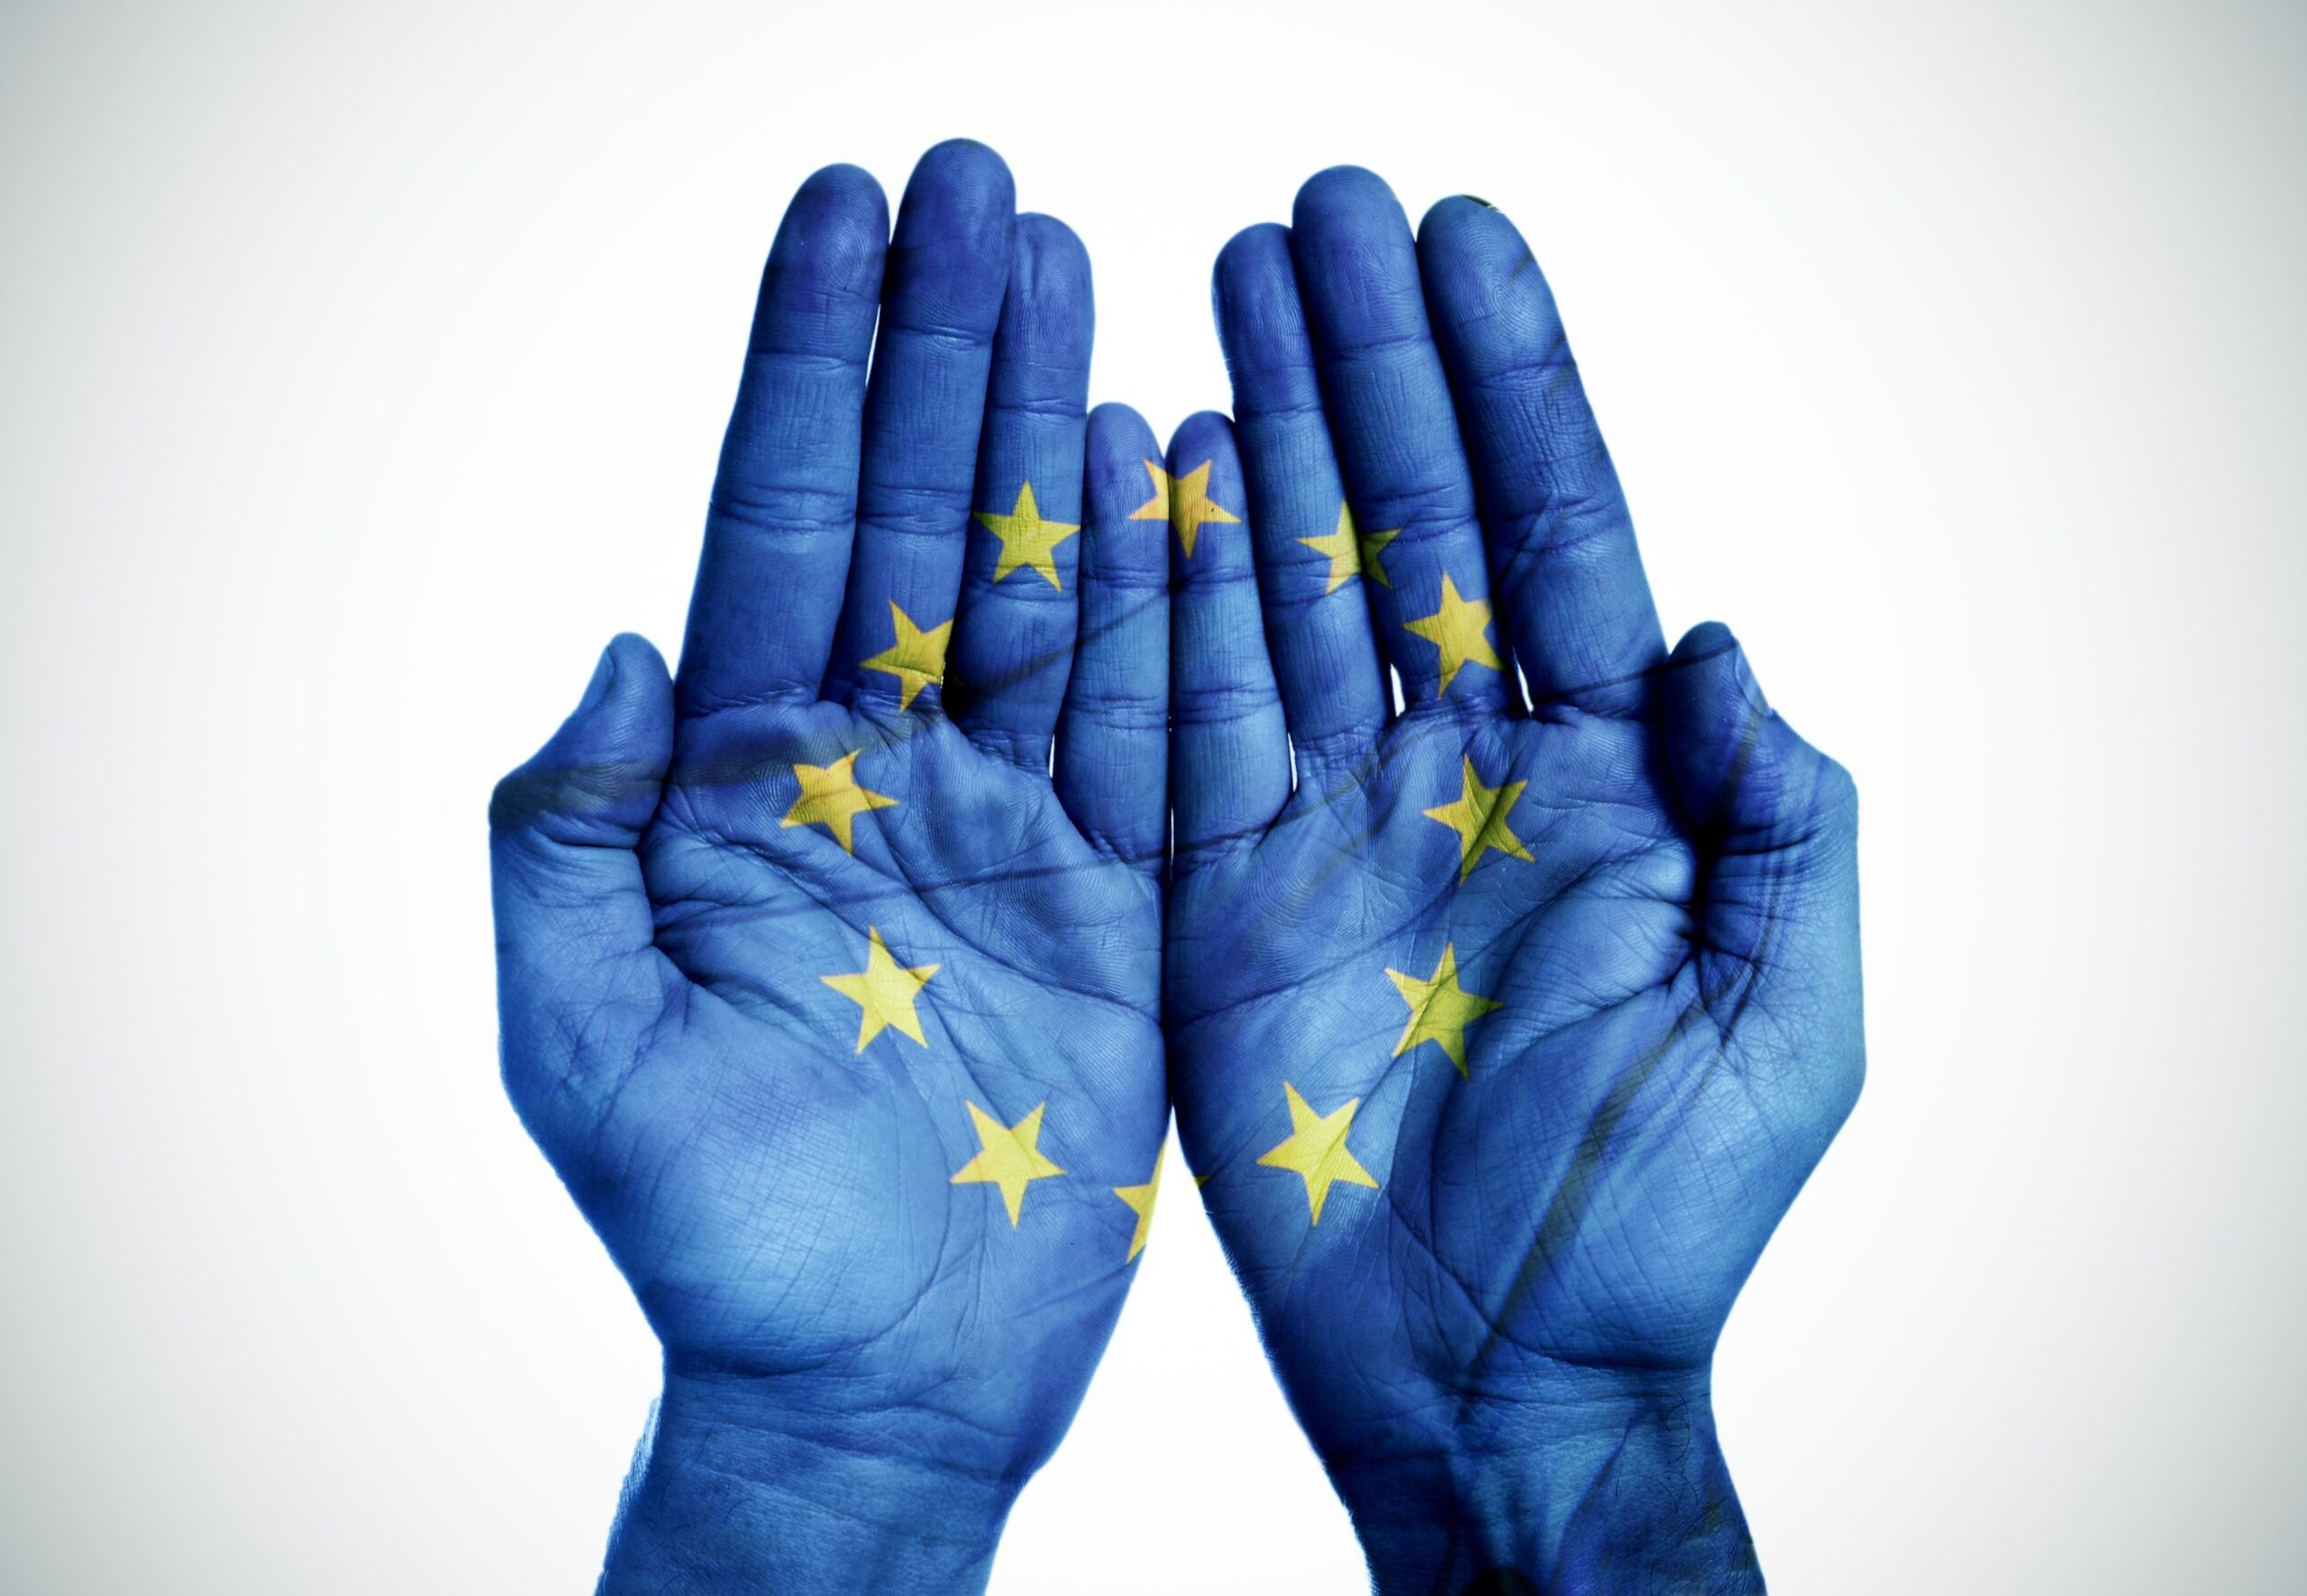 Lotta alla criminalità organizzata: l'Unione Europea presenta una nuova strategia